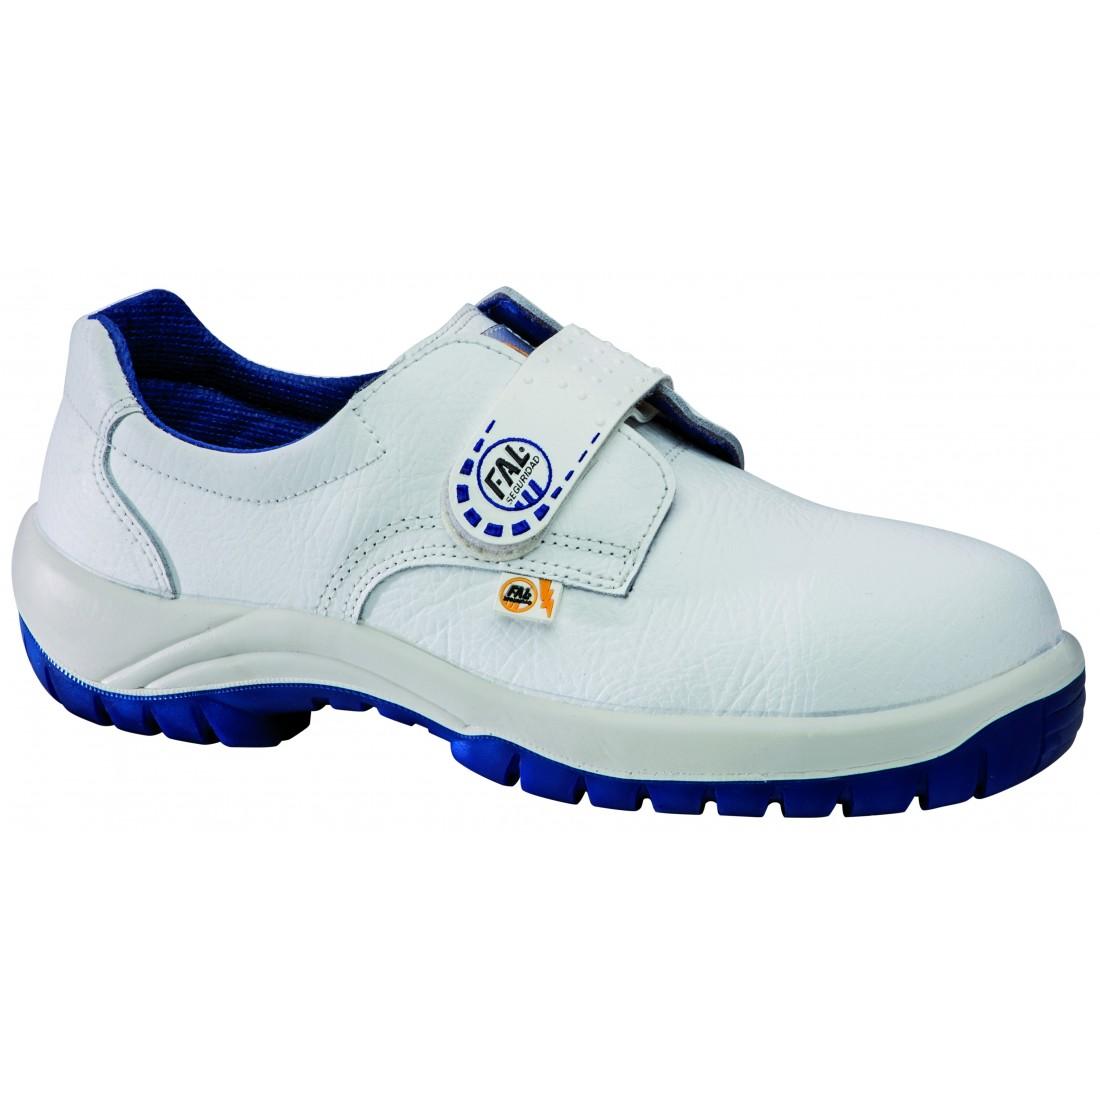 Zapato de seguridad blanco vincap